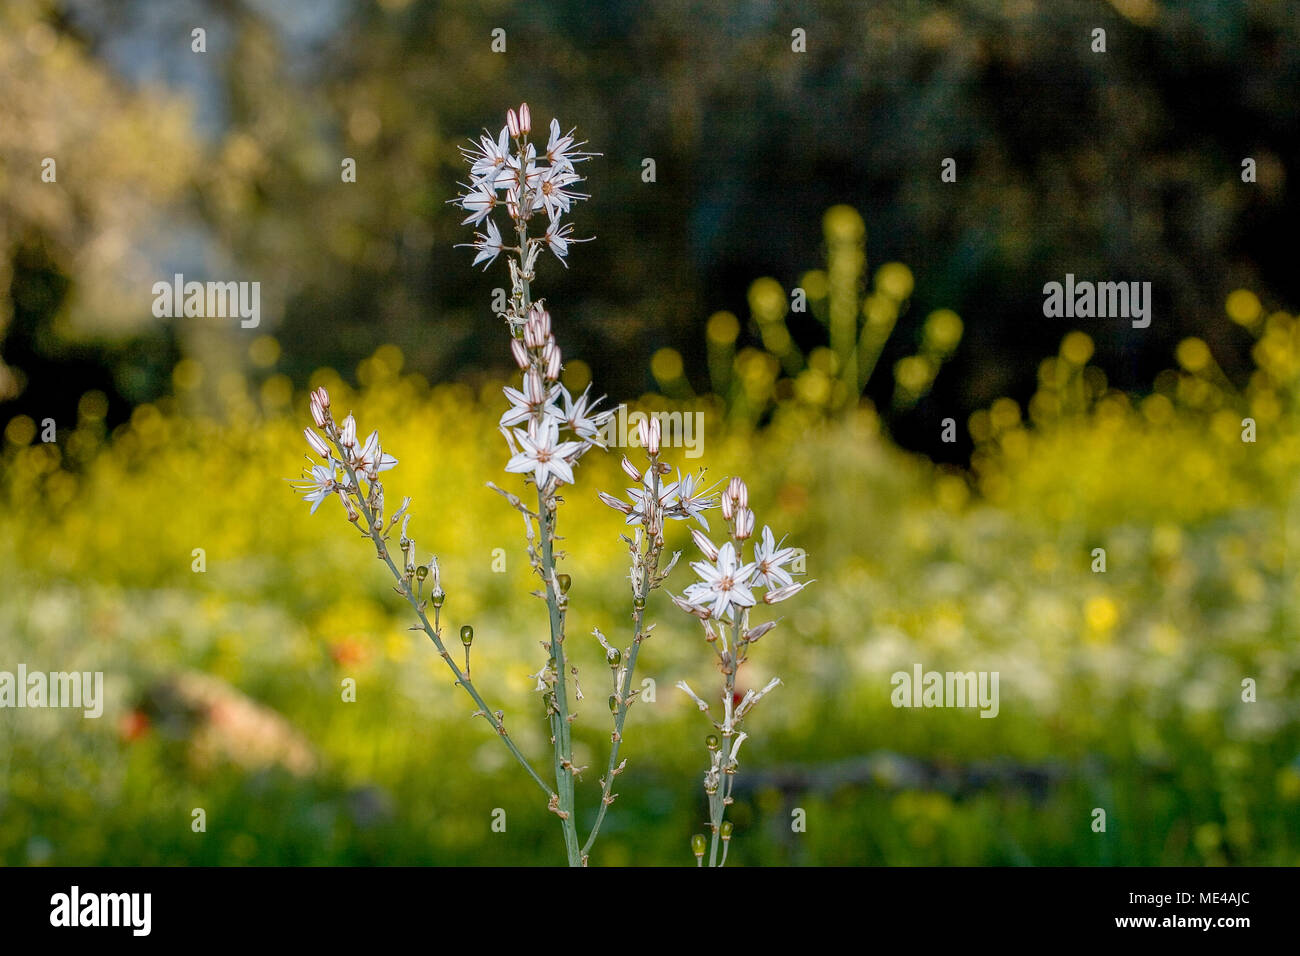 Asparagales Order Imágenes De Stock & Asparagales Order Fotos De ...